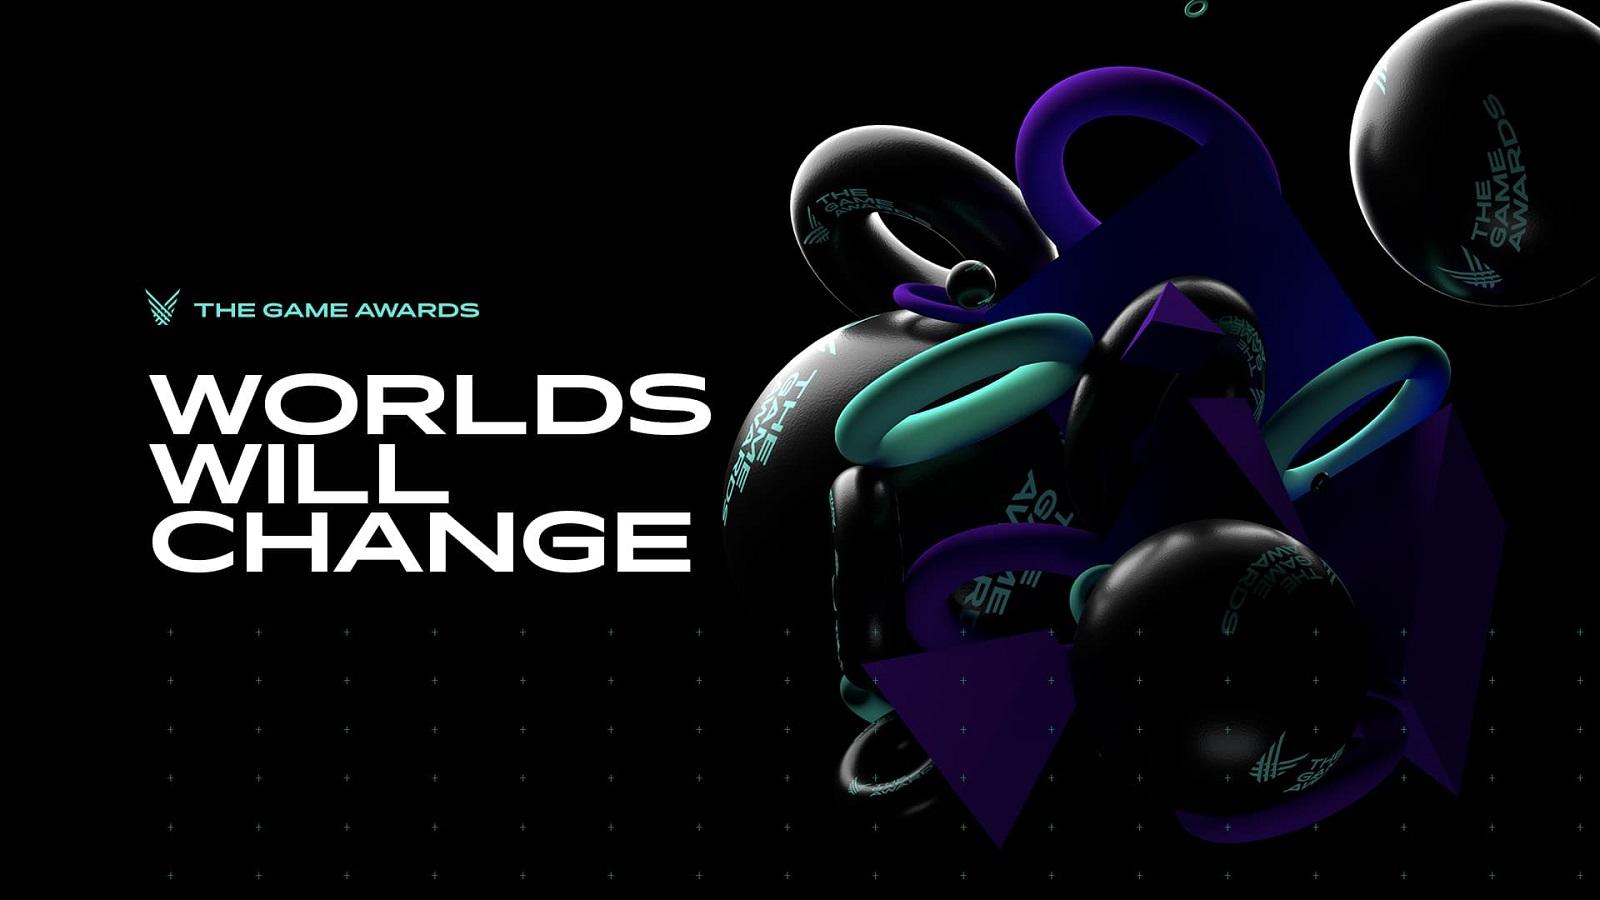 The Game Awards 2018; screenshot